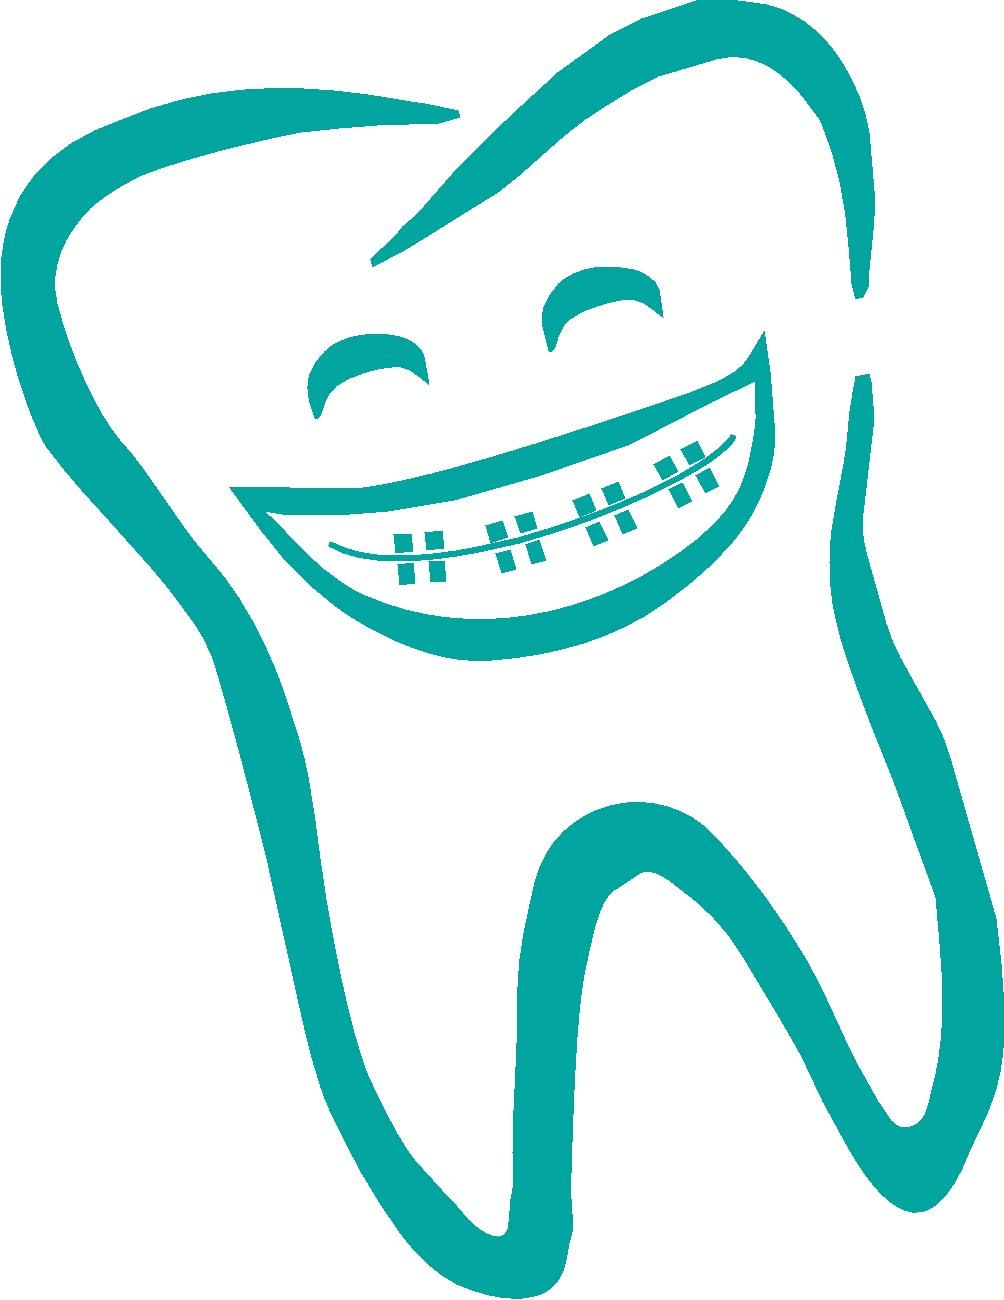 Braces clipart smile. Pierce orthodontics patient information